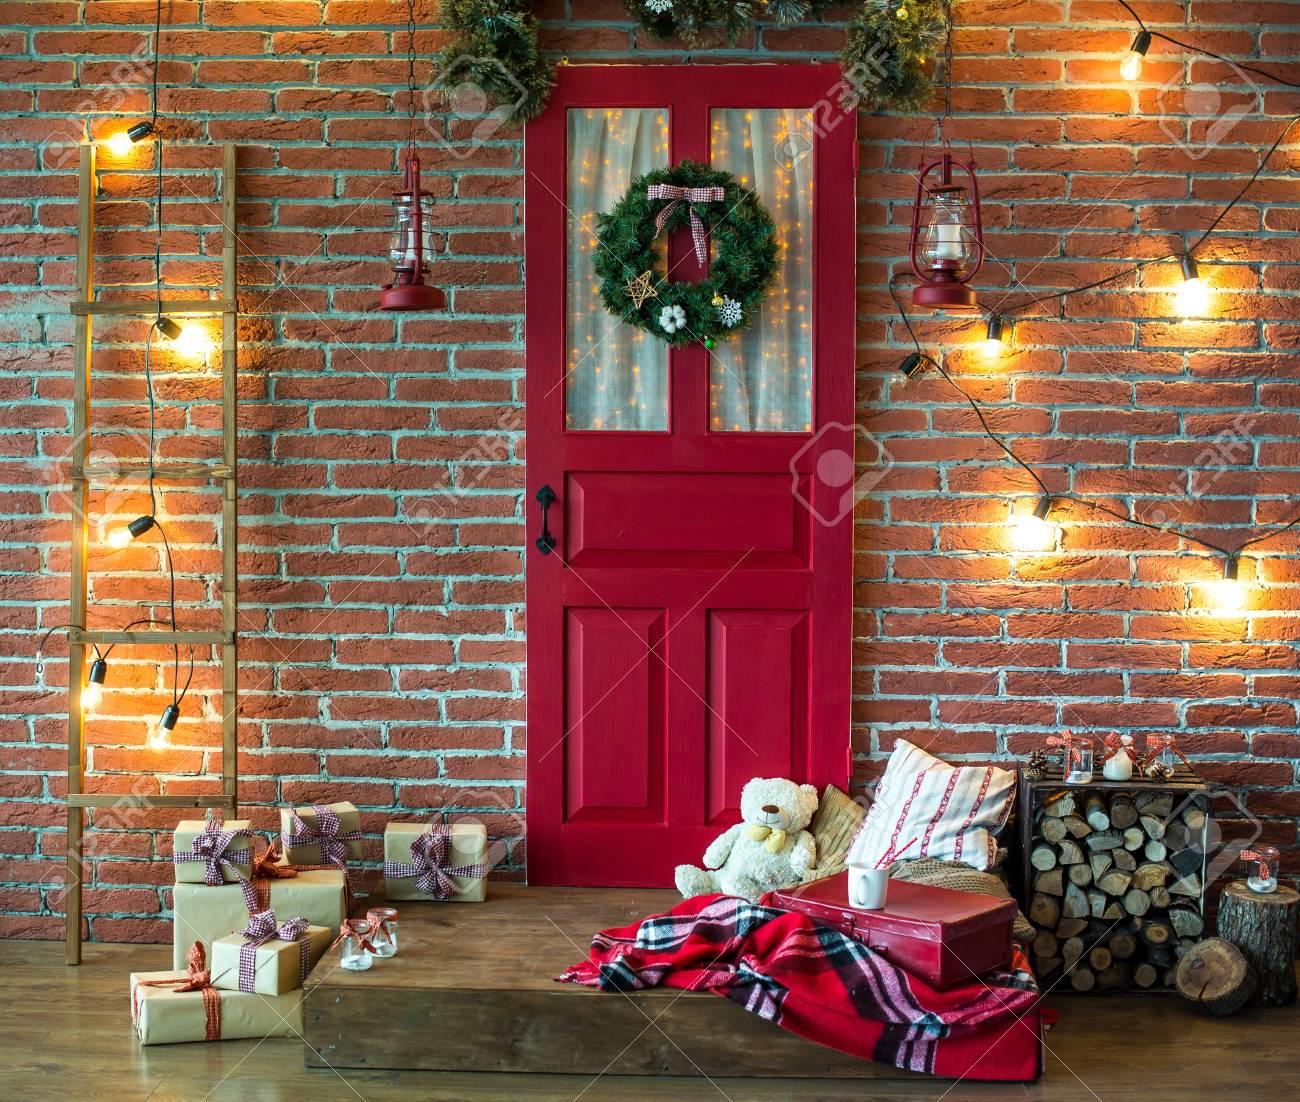 Banque d\u0027images , Chambre Sapin de Noël, Décoration d\u0027intérieur de Noël,  Jouets, Décorations de Noël, Décorations de Noël, Zone photo